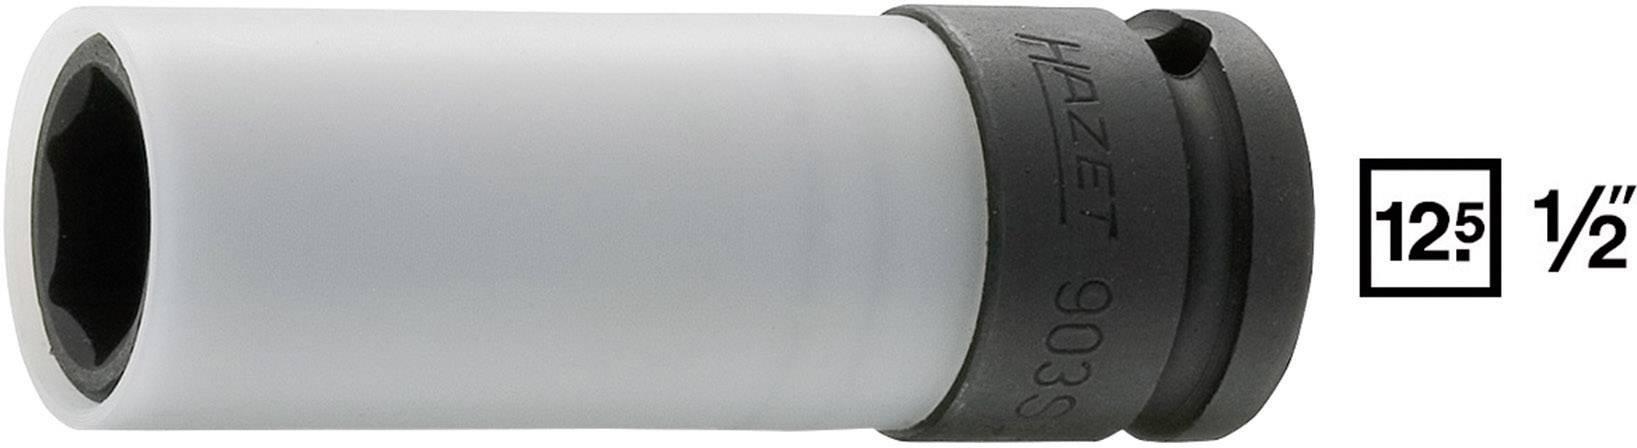 """Silový nástrčný klíč Hazet 15 mm, vnější šestihran, 1/2"""" 903SLG-15"""